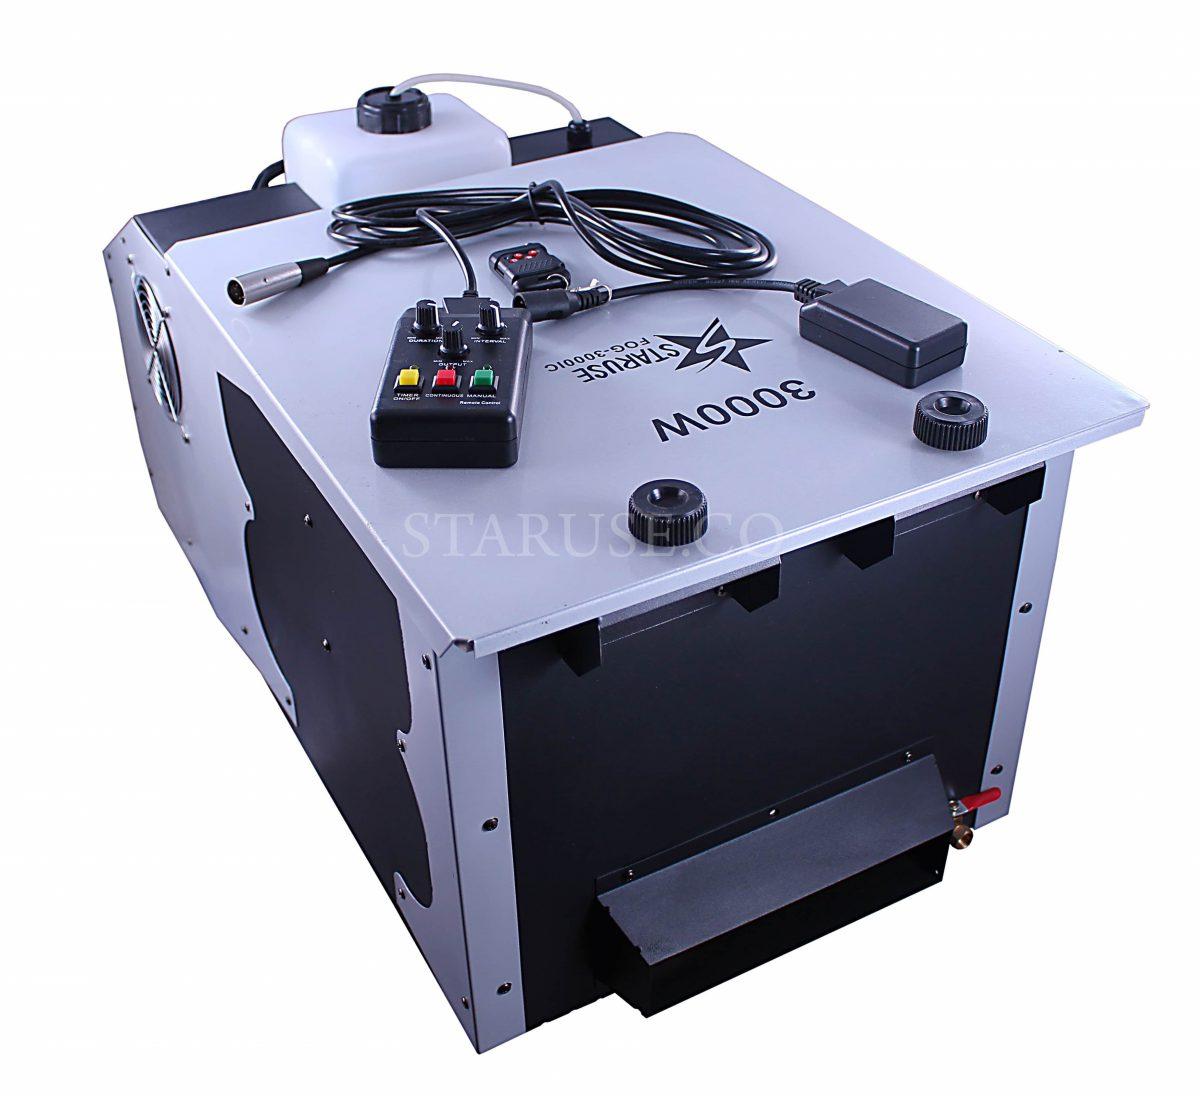 ICE-1500